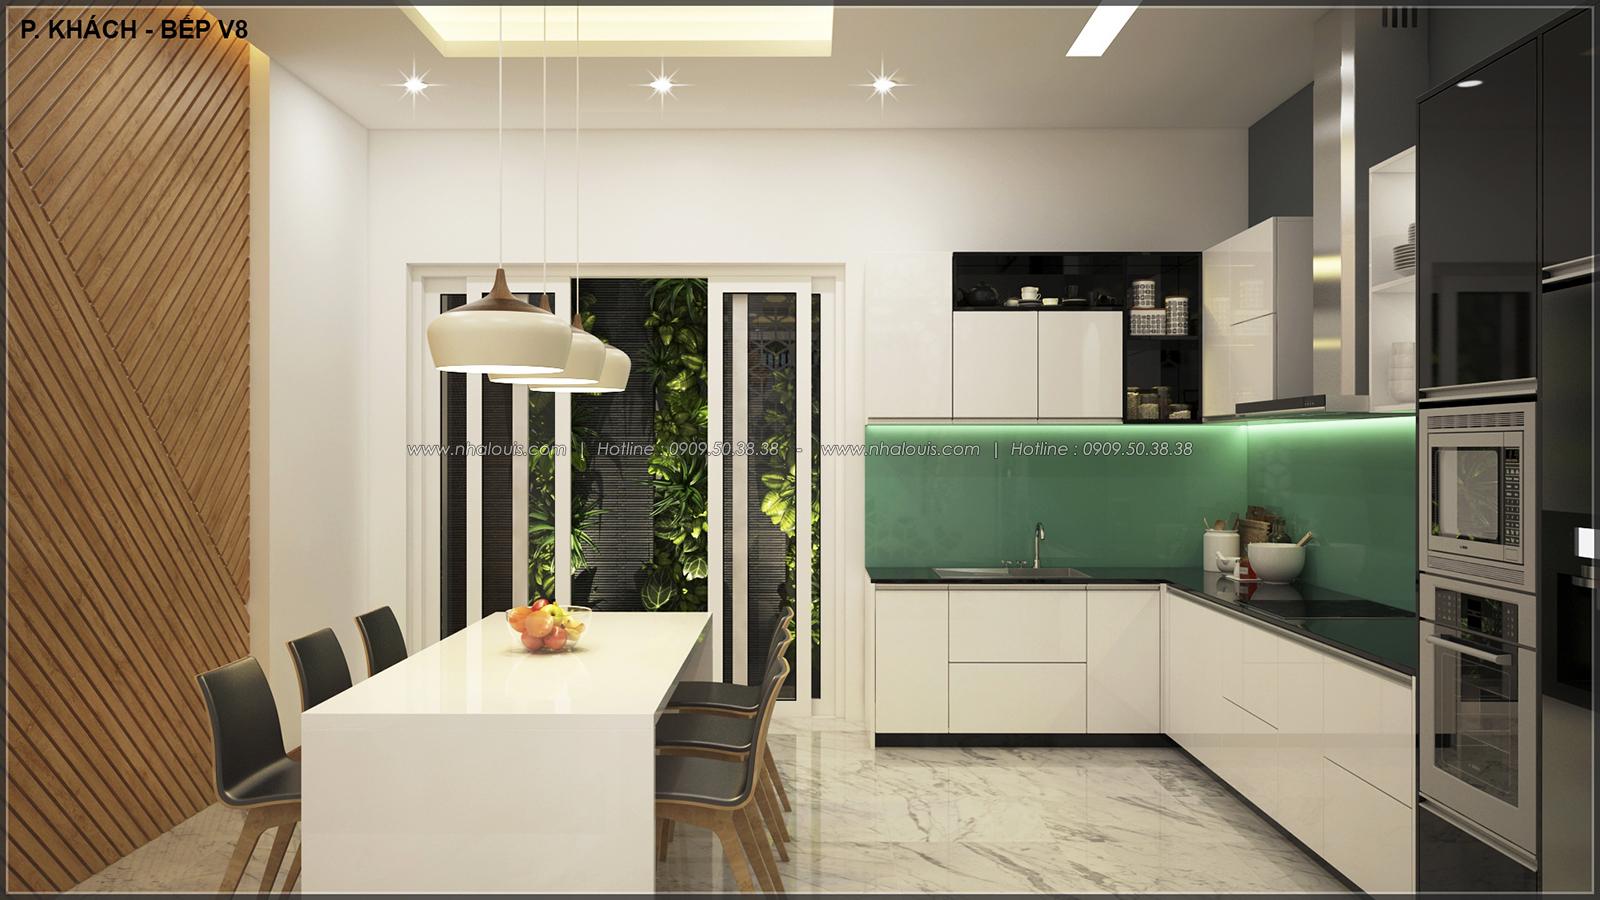 Phòng ăn phòng bếp với thiết kế nhà ống mặt tiền 5m của chị Linh quận 6 - 12